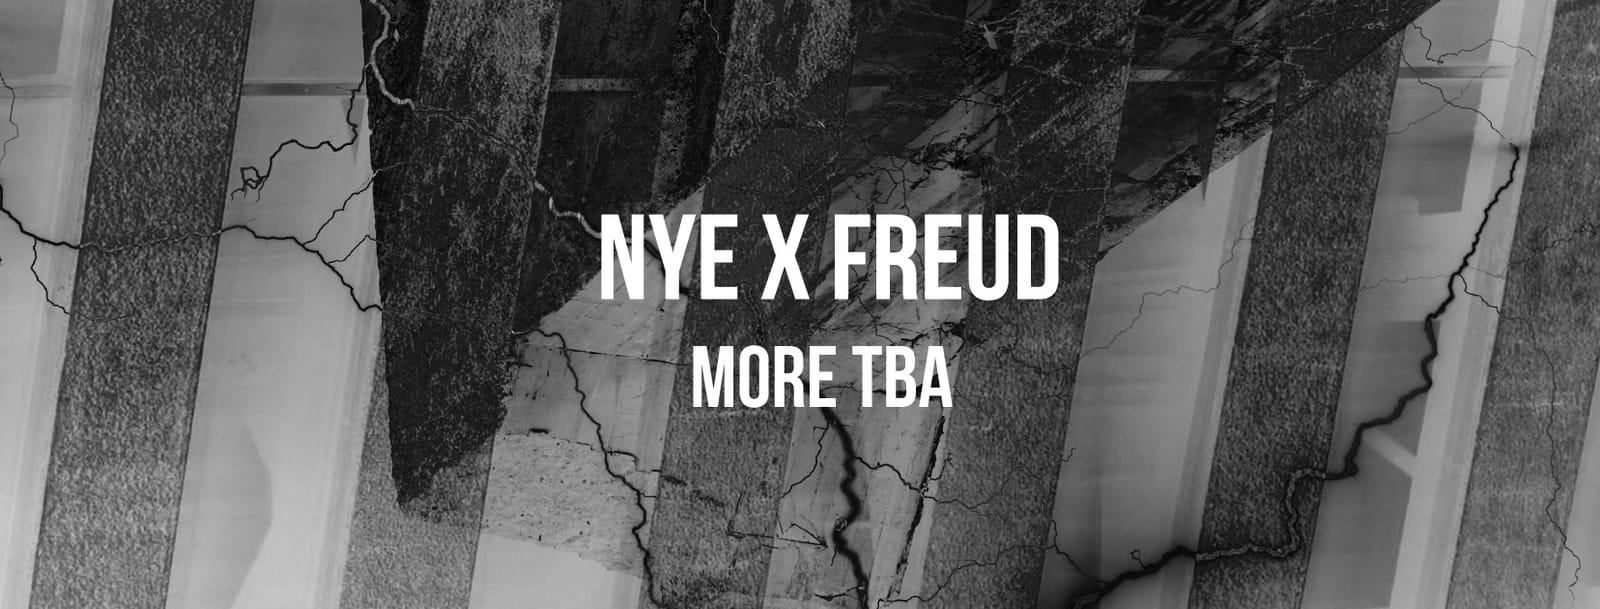 NYE x FREUD